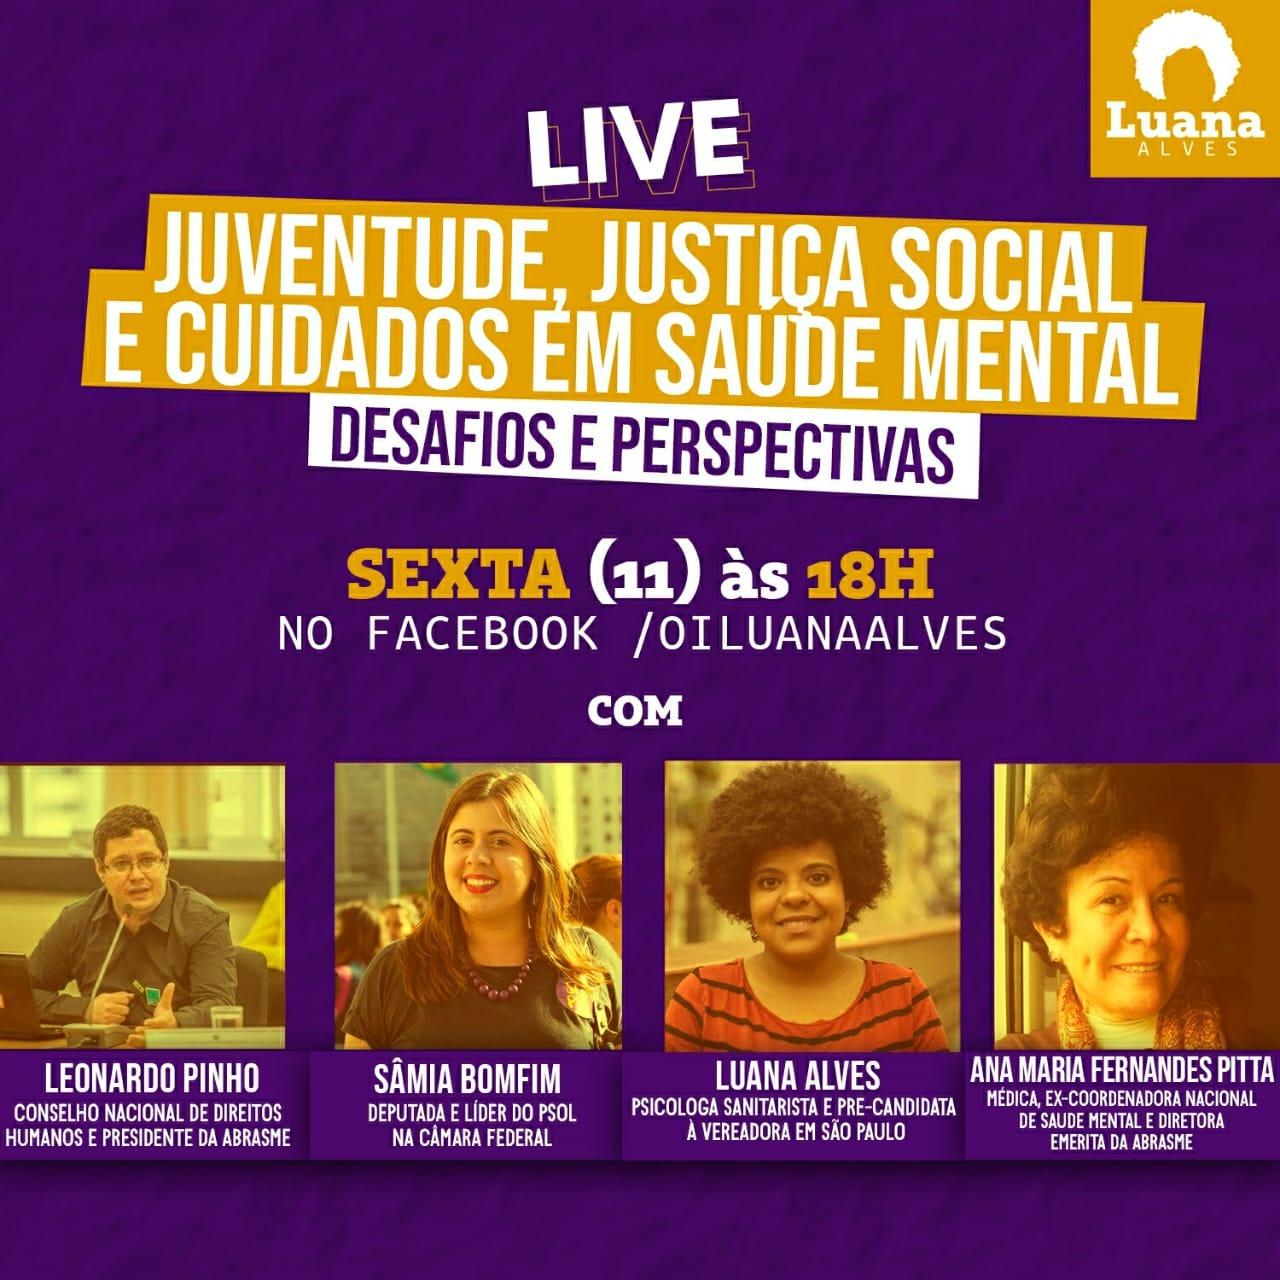 Diretoria da ABRASME participará de live Juventude, Justiça Social e Cuidados em Saúde Mental com Sâmia Bonfim e Luana Alves